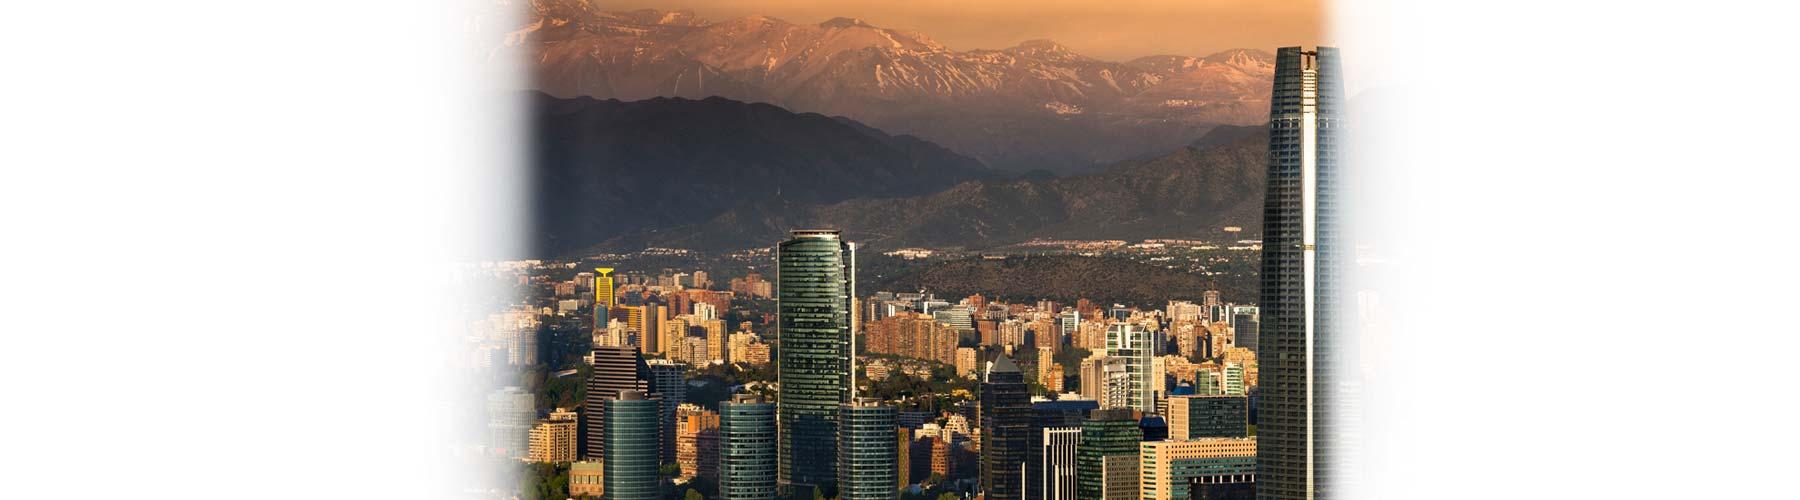 Máster de Enfermería en Chile